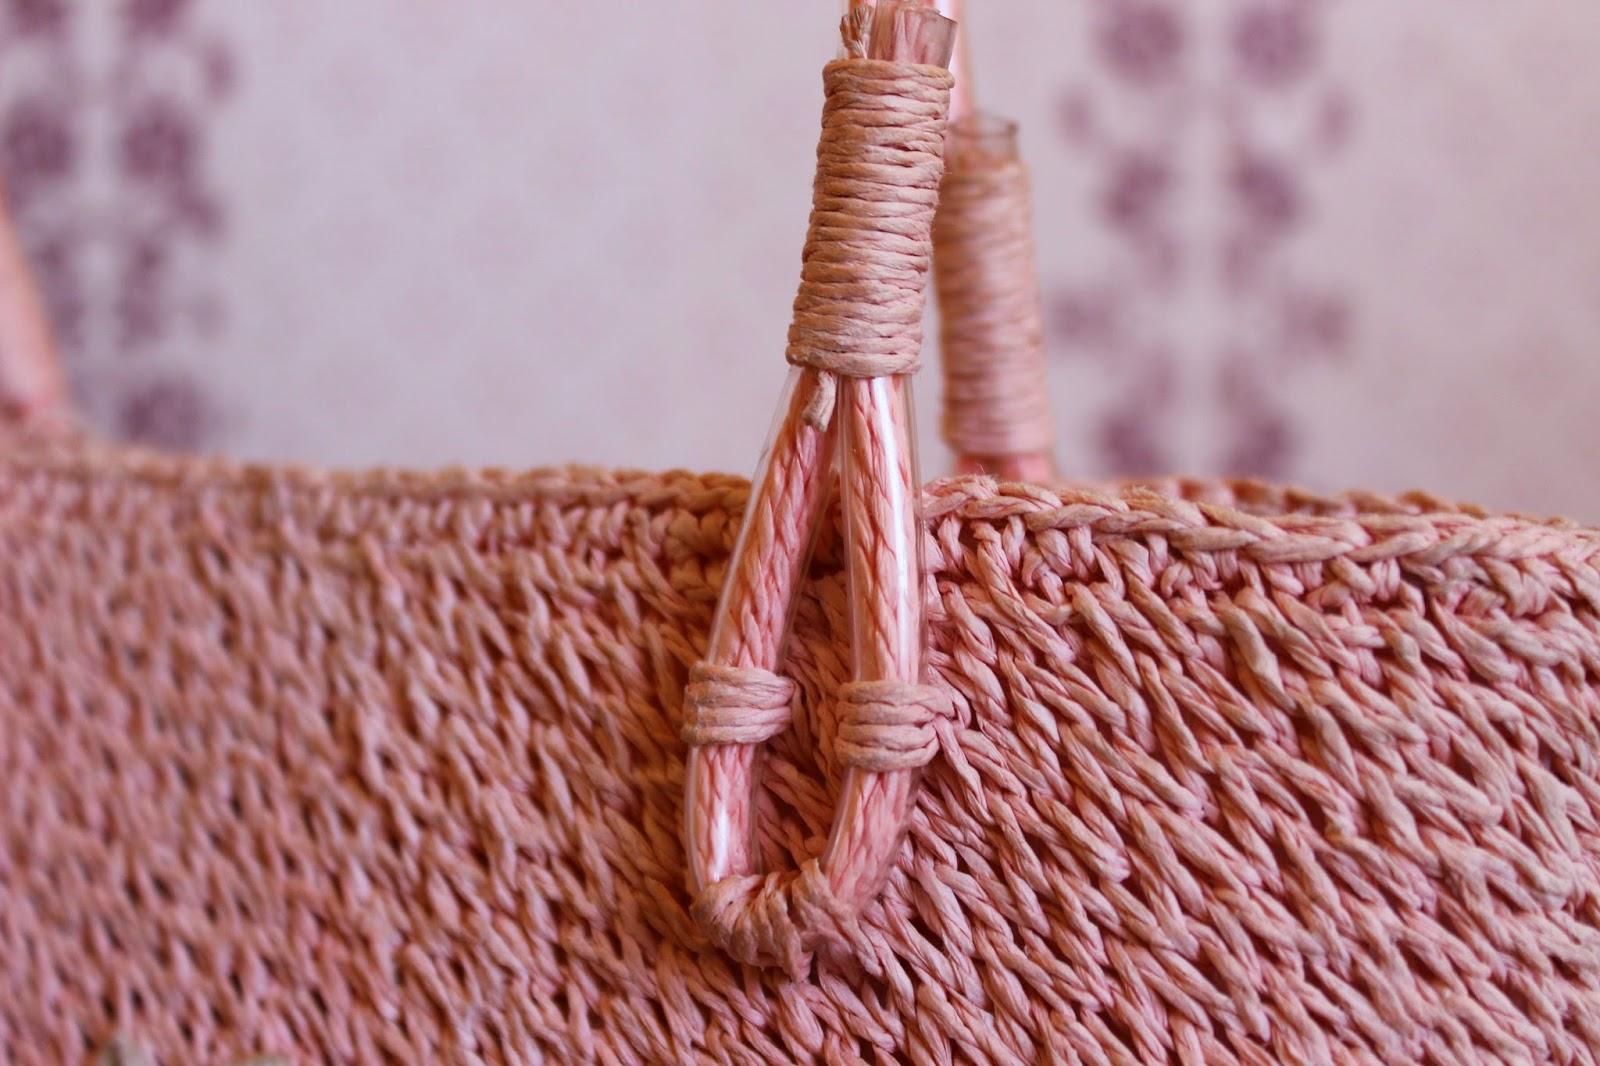 настроение своими руками, сумка из строительной сетки, оригинальная сумка, сумка на лето, летняя сумка